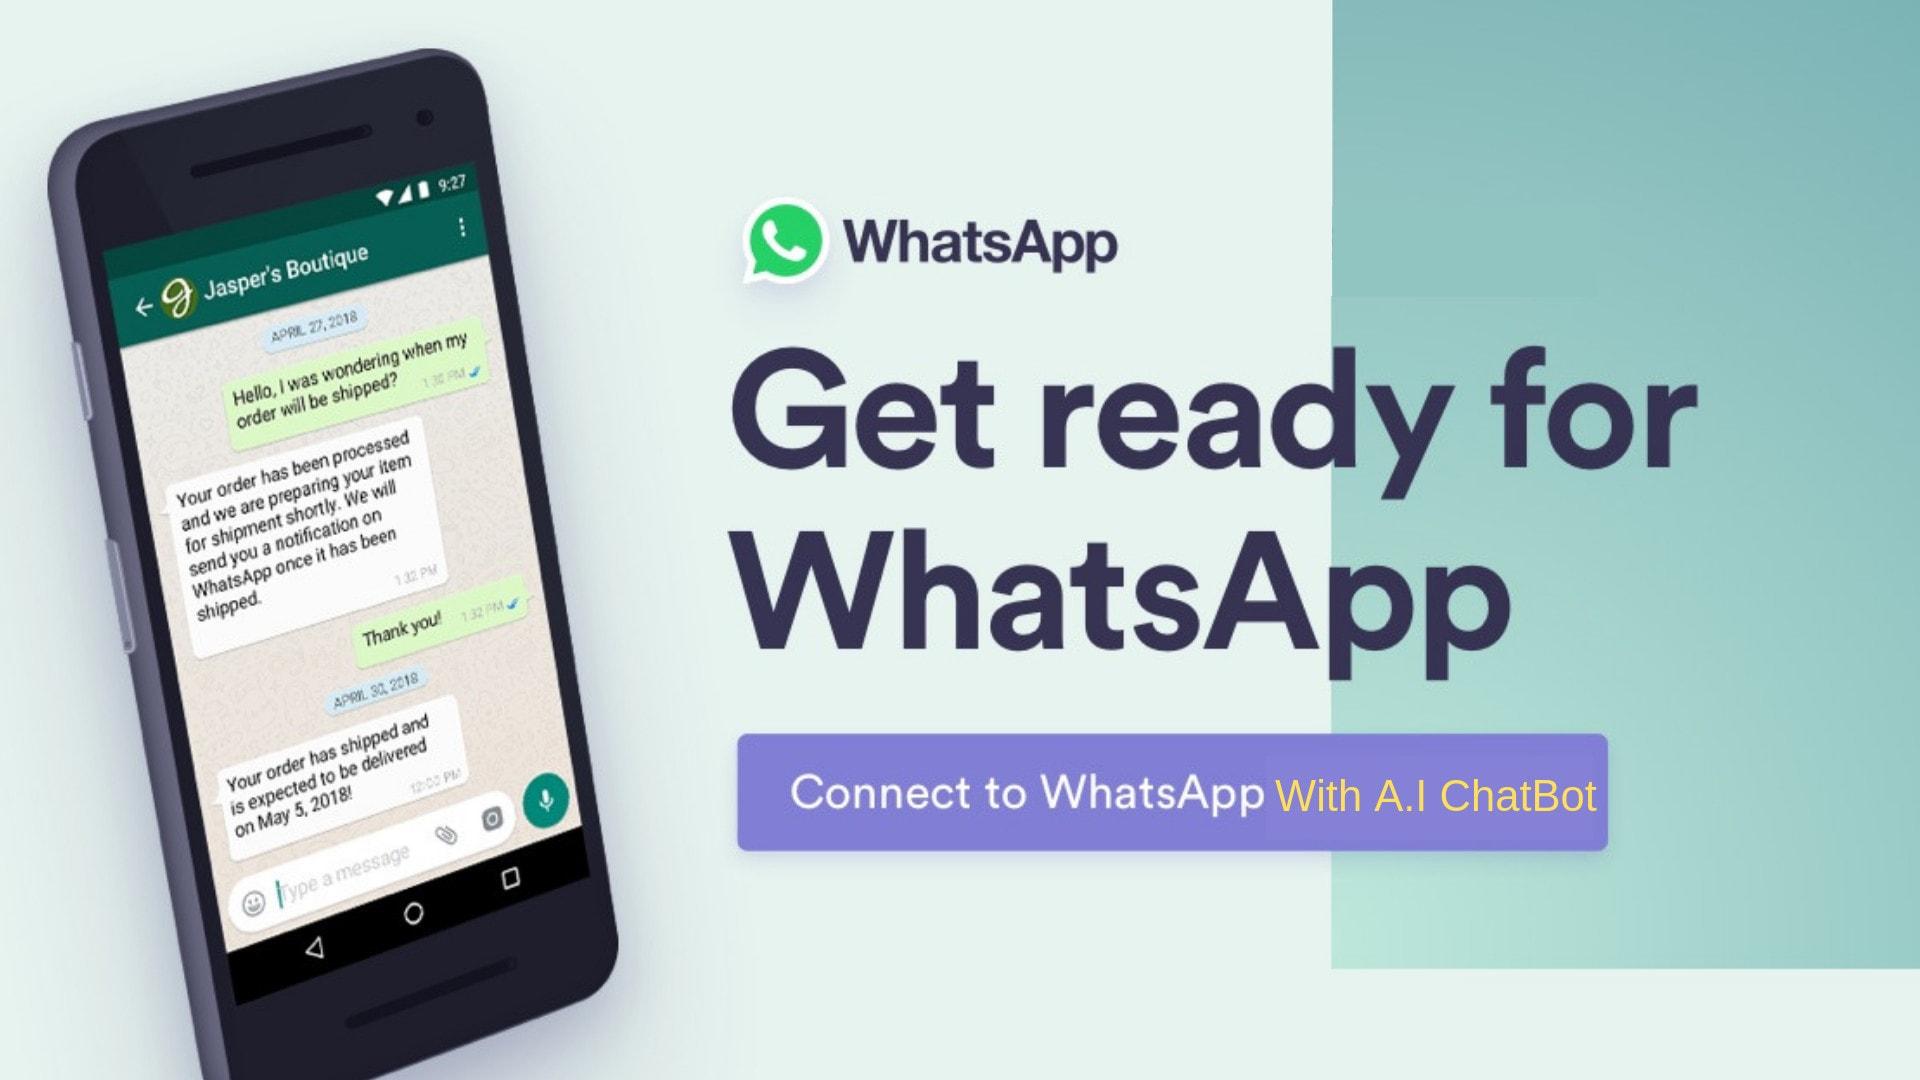 Create A Smart Whatsapp Chatbot By Ketan1829